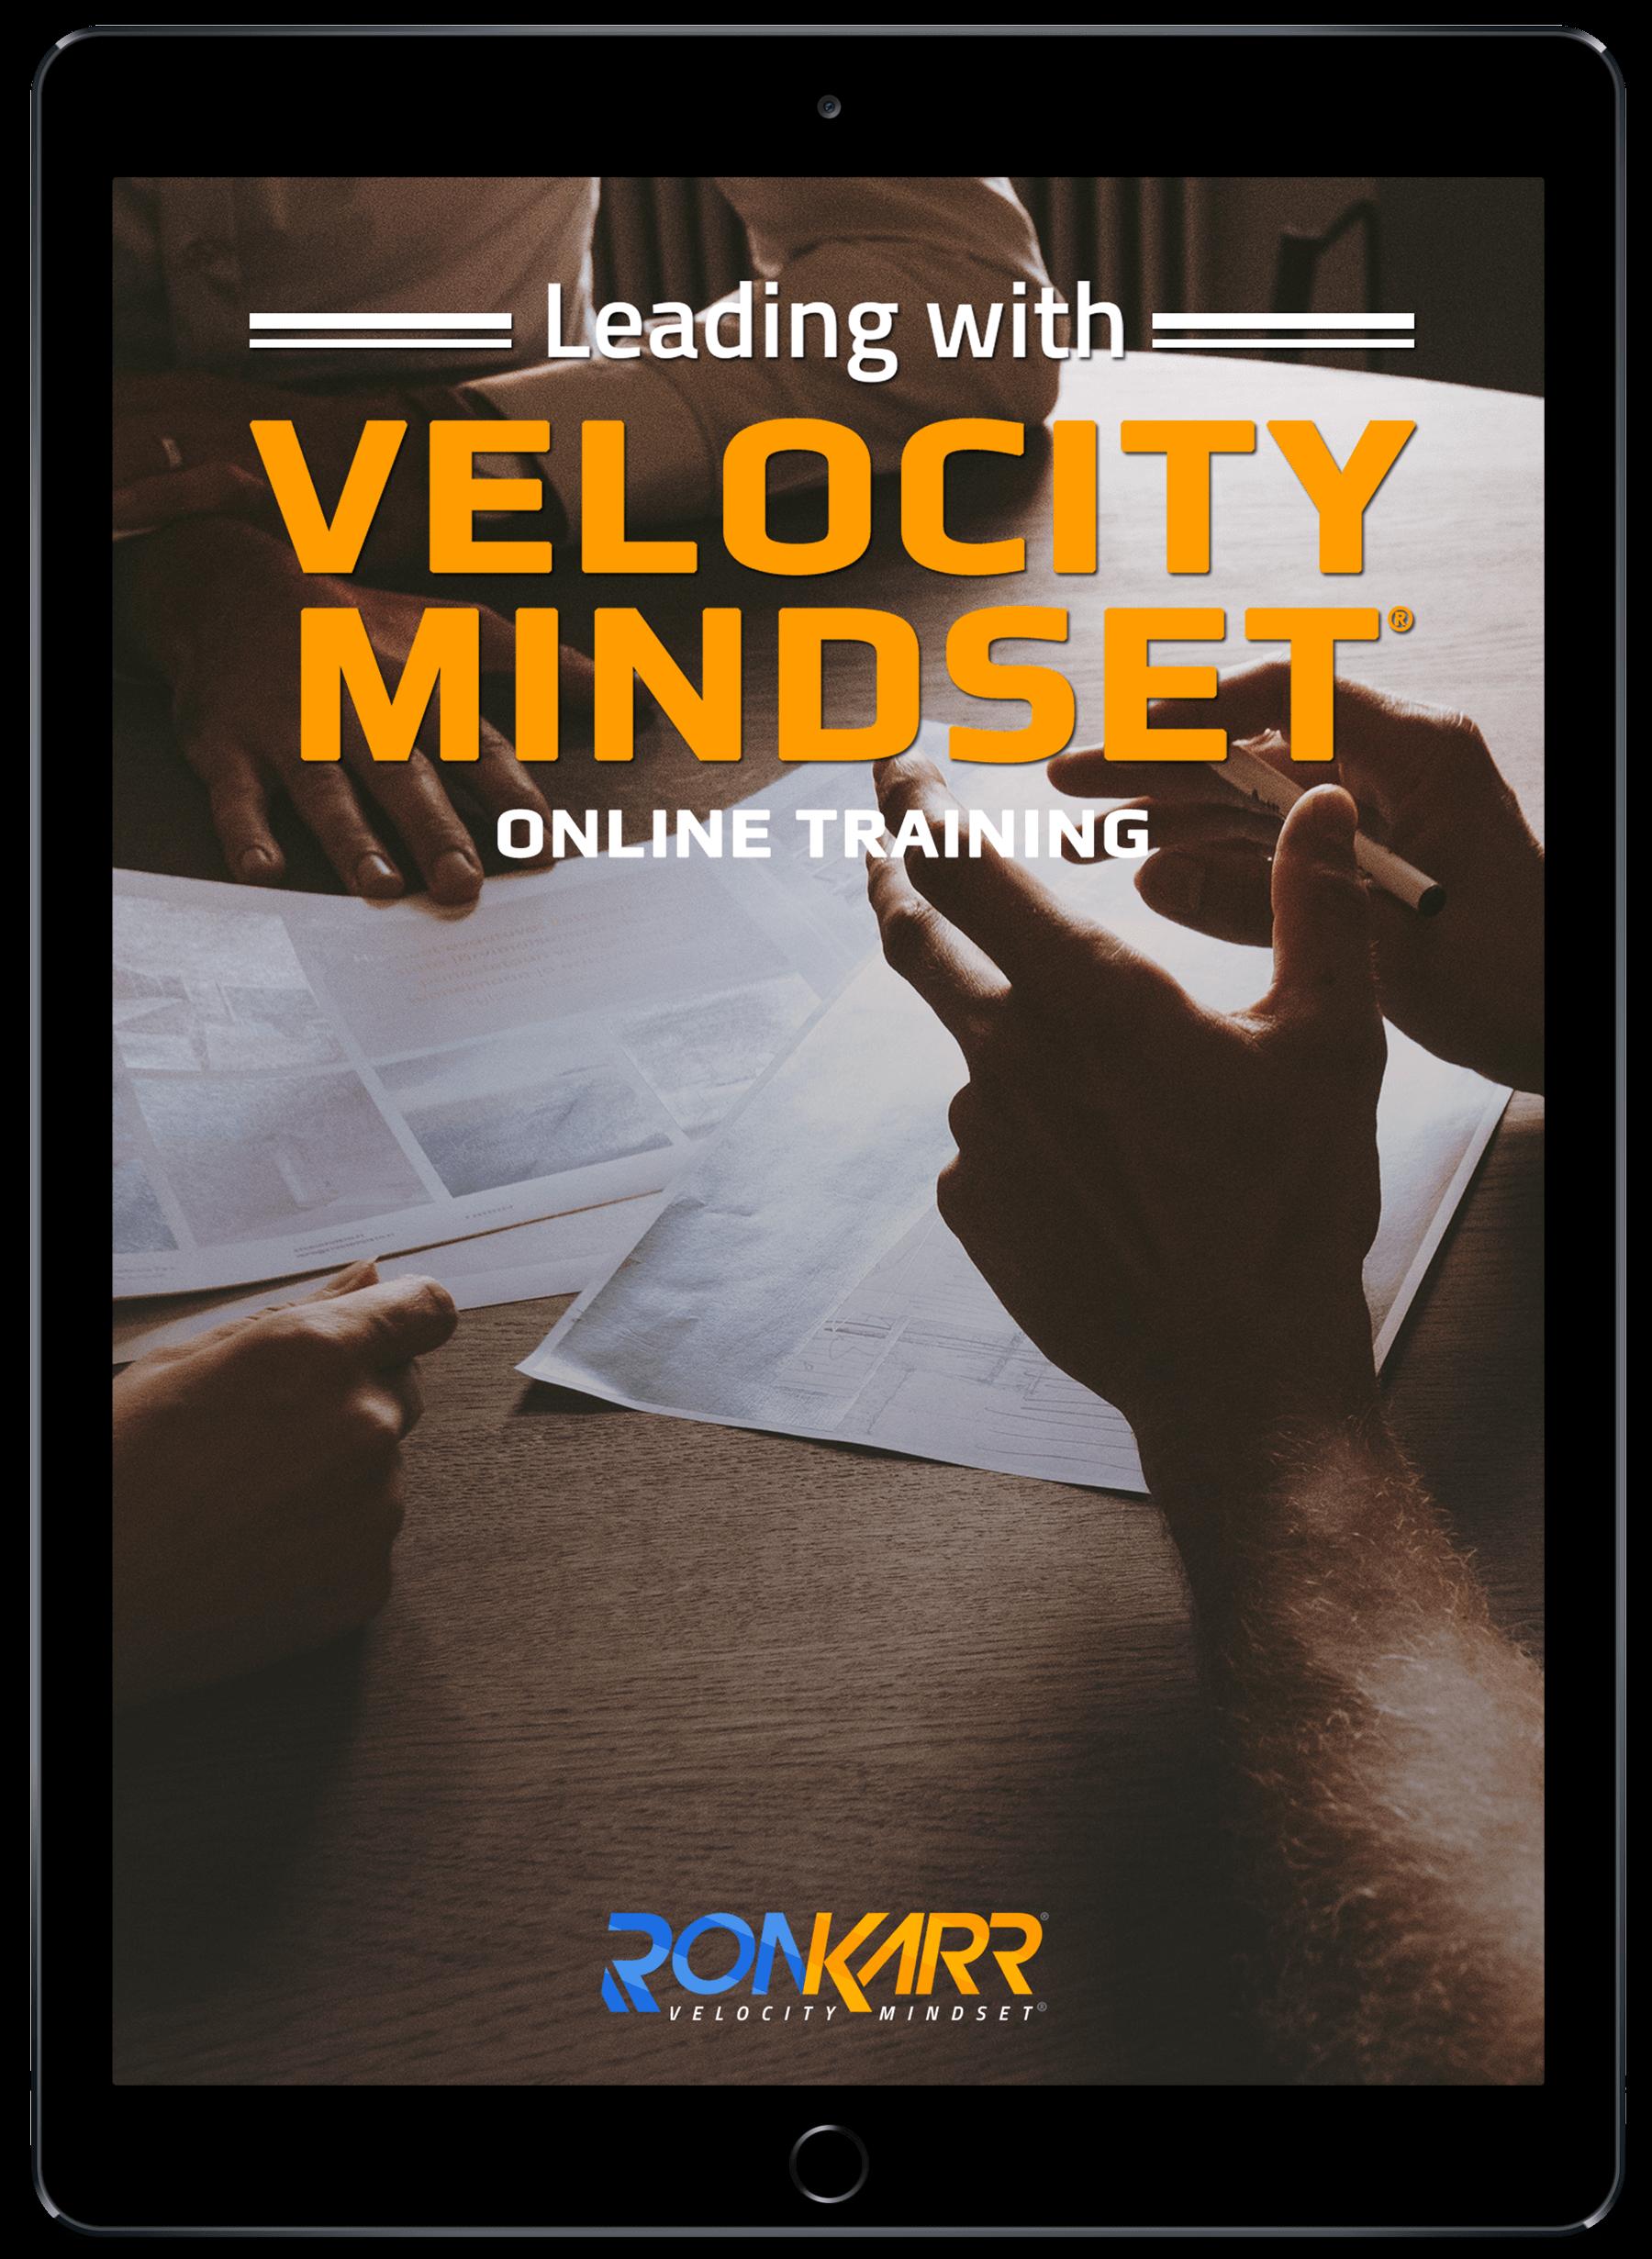 Leading-with-Velocity-Mindset-